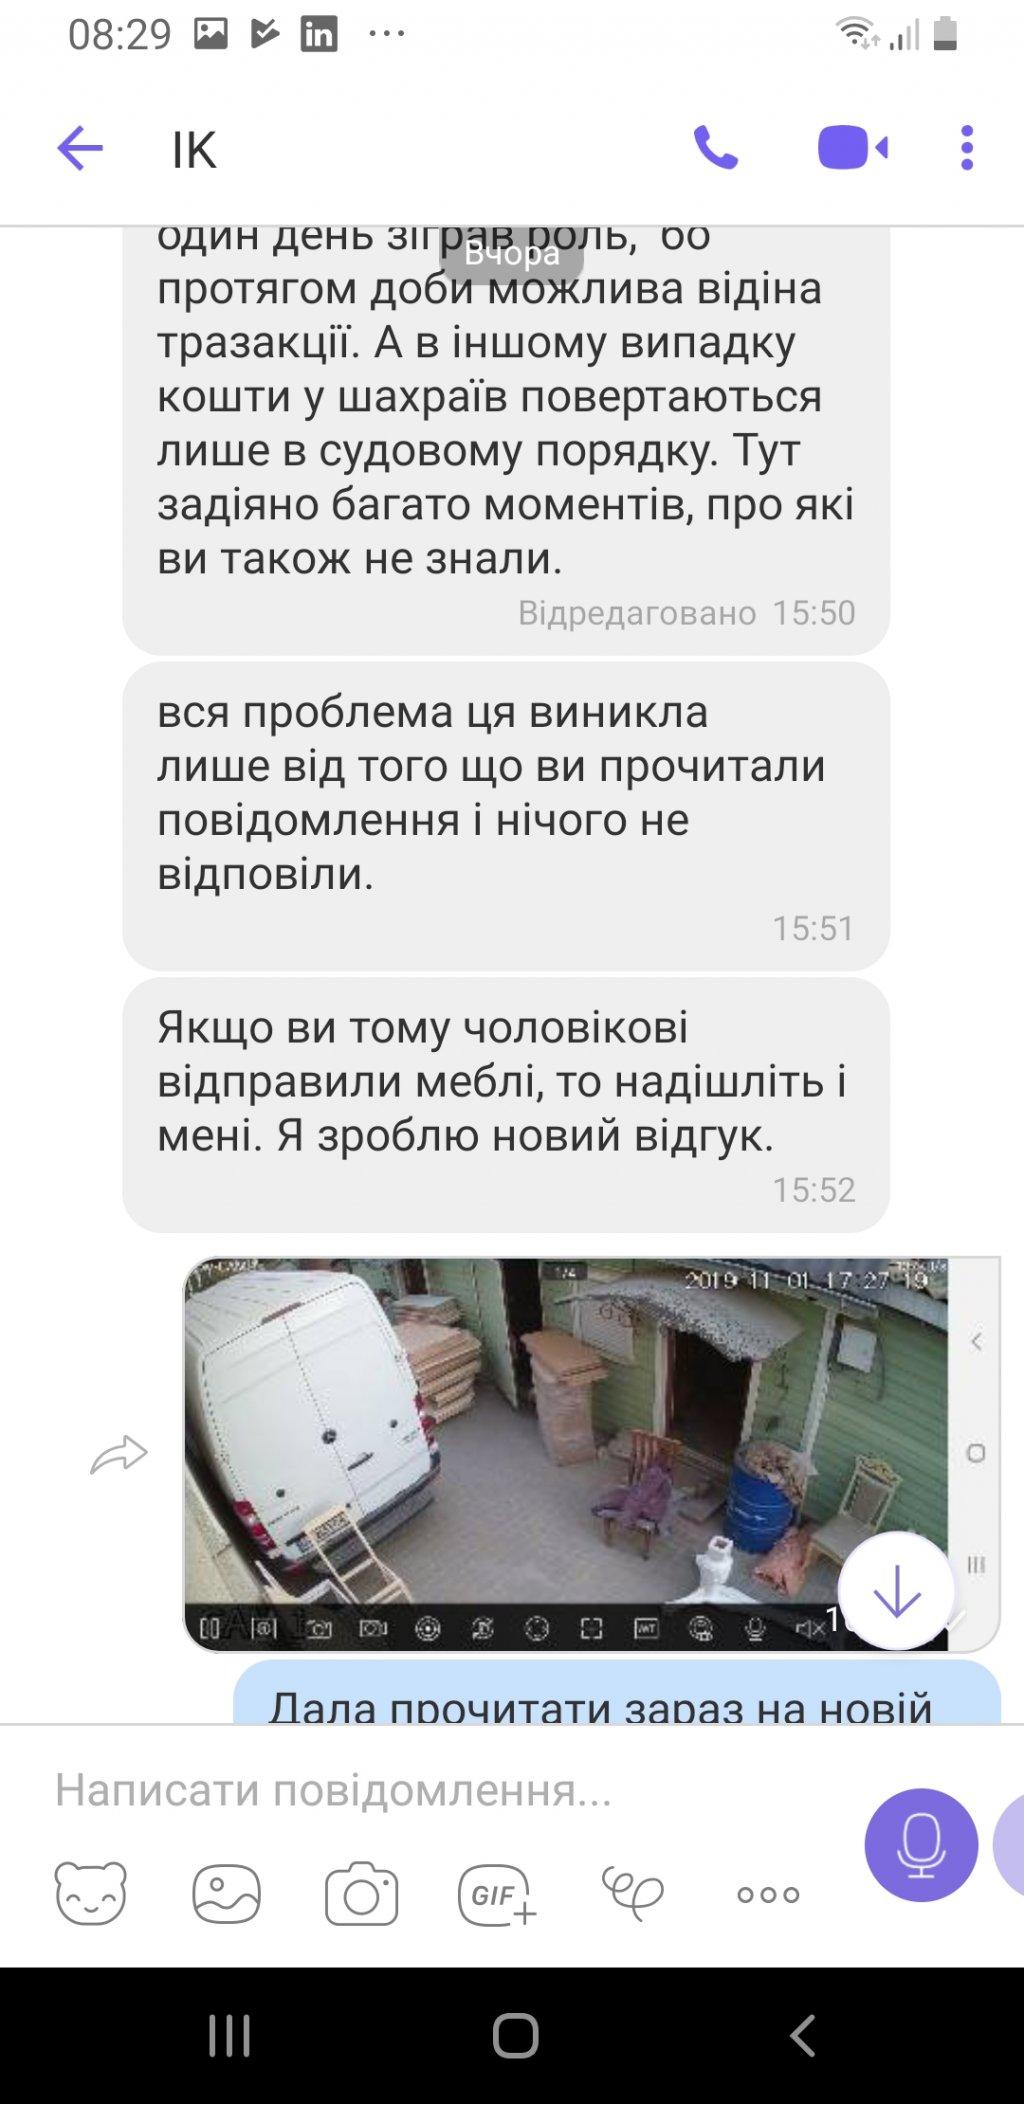 Mebli Karpat Natali (ОЛХ) Сабадош Наталья Юрьевна - Відповідь Іванні Кузьо